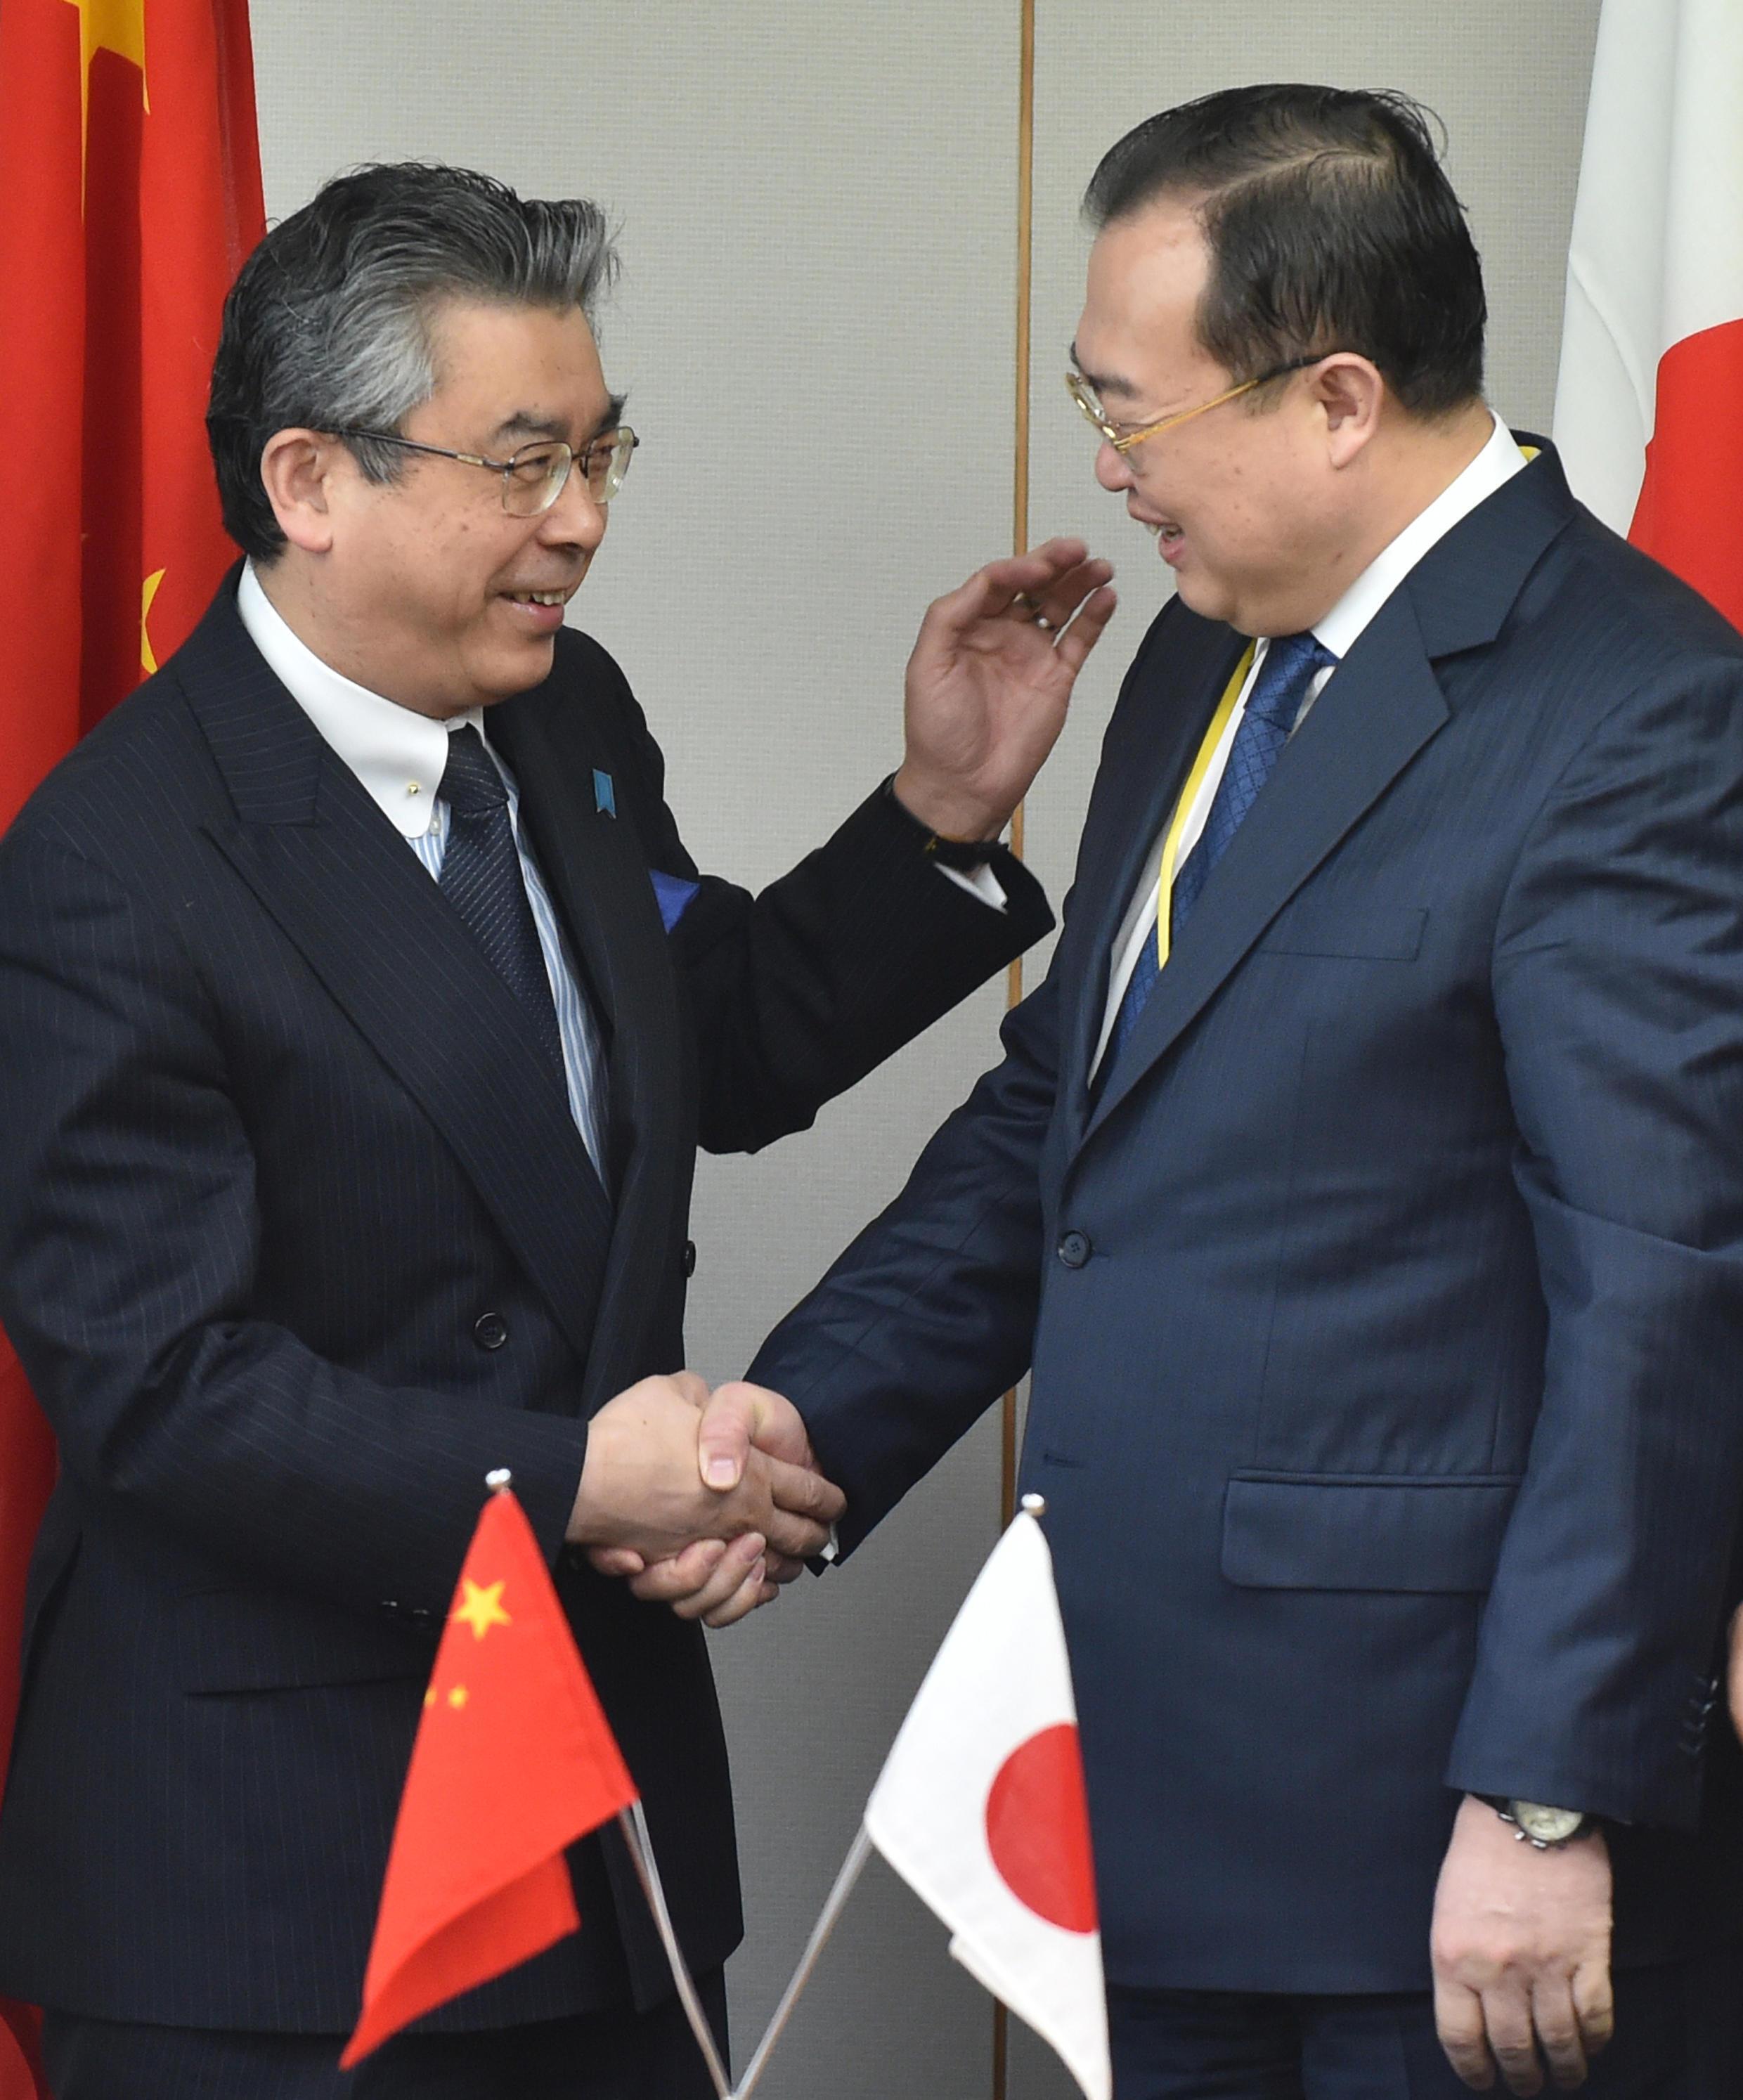 Thứ trưởng ngoại giao Nhật Shinsuke Sugiyama (T) và trợ lý ngoại trưởng Trung Quốc Lưu Kiến Siêu trong cuộc đối thoại an ninh Trung- Nhật tại Tokyo 19/03/2015.